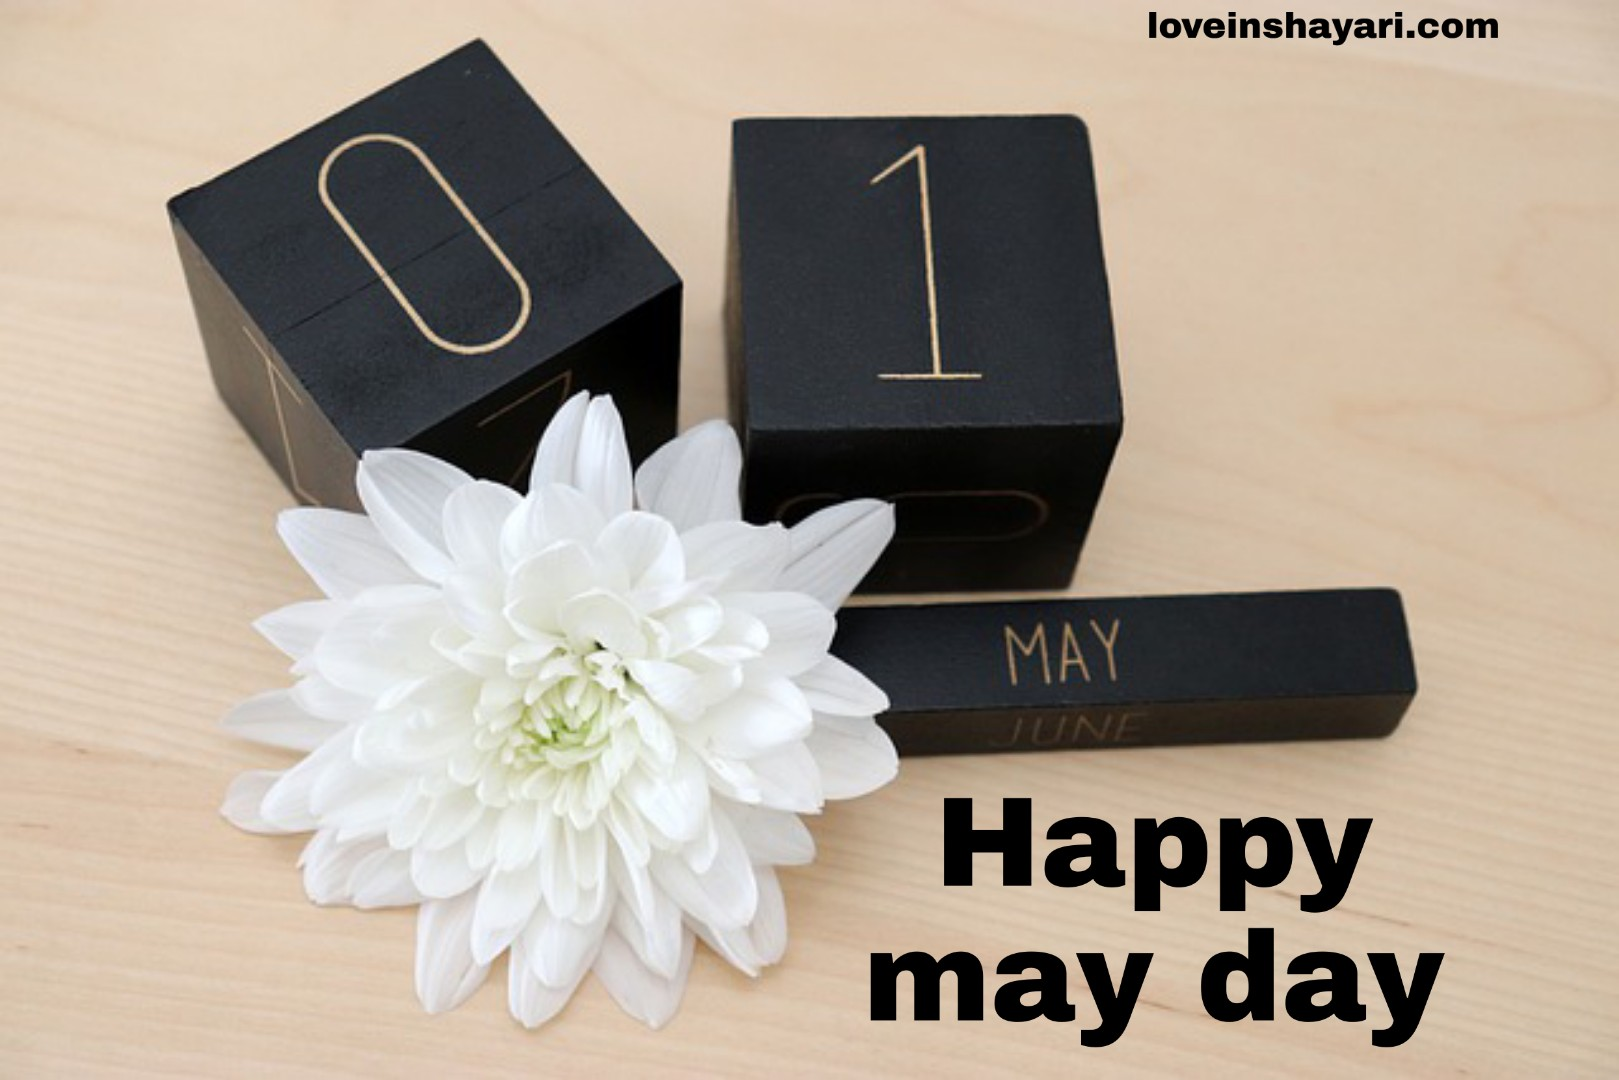 Photo of May day status whatsapp status 2021